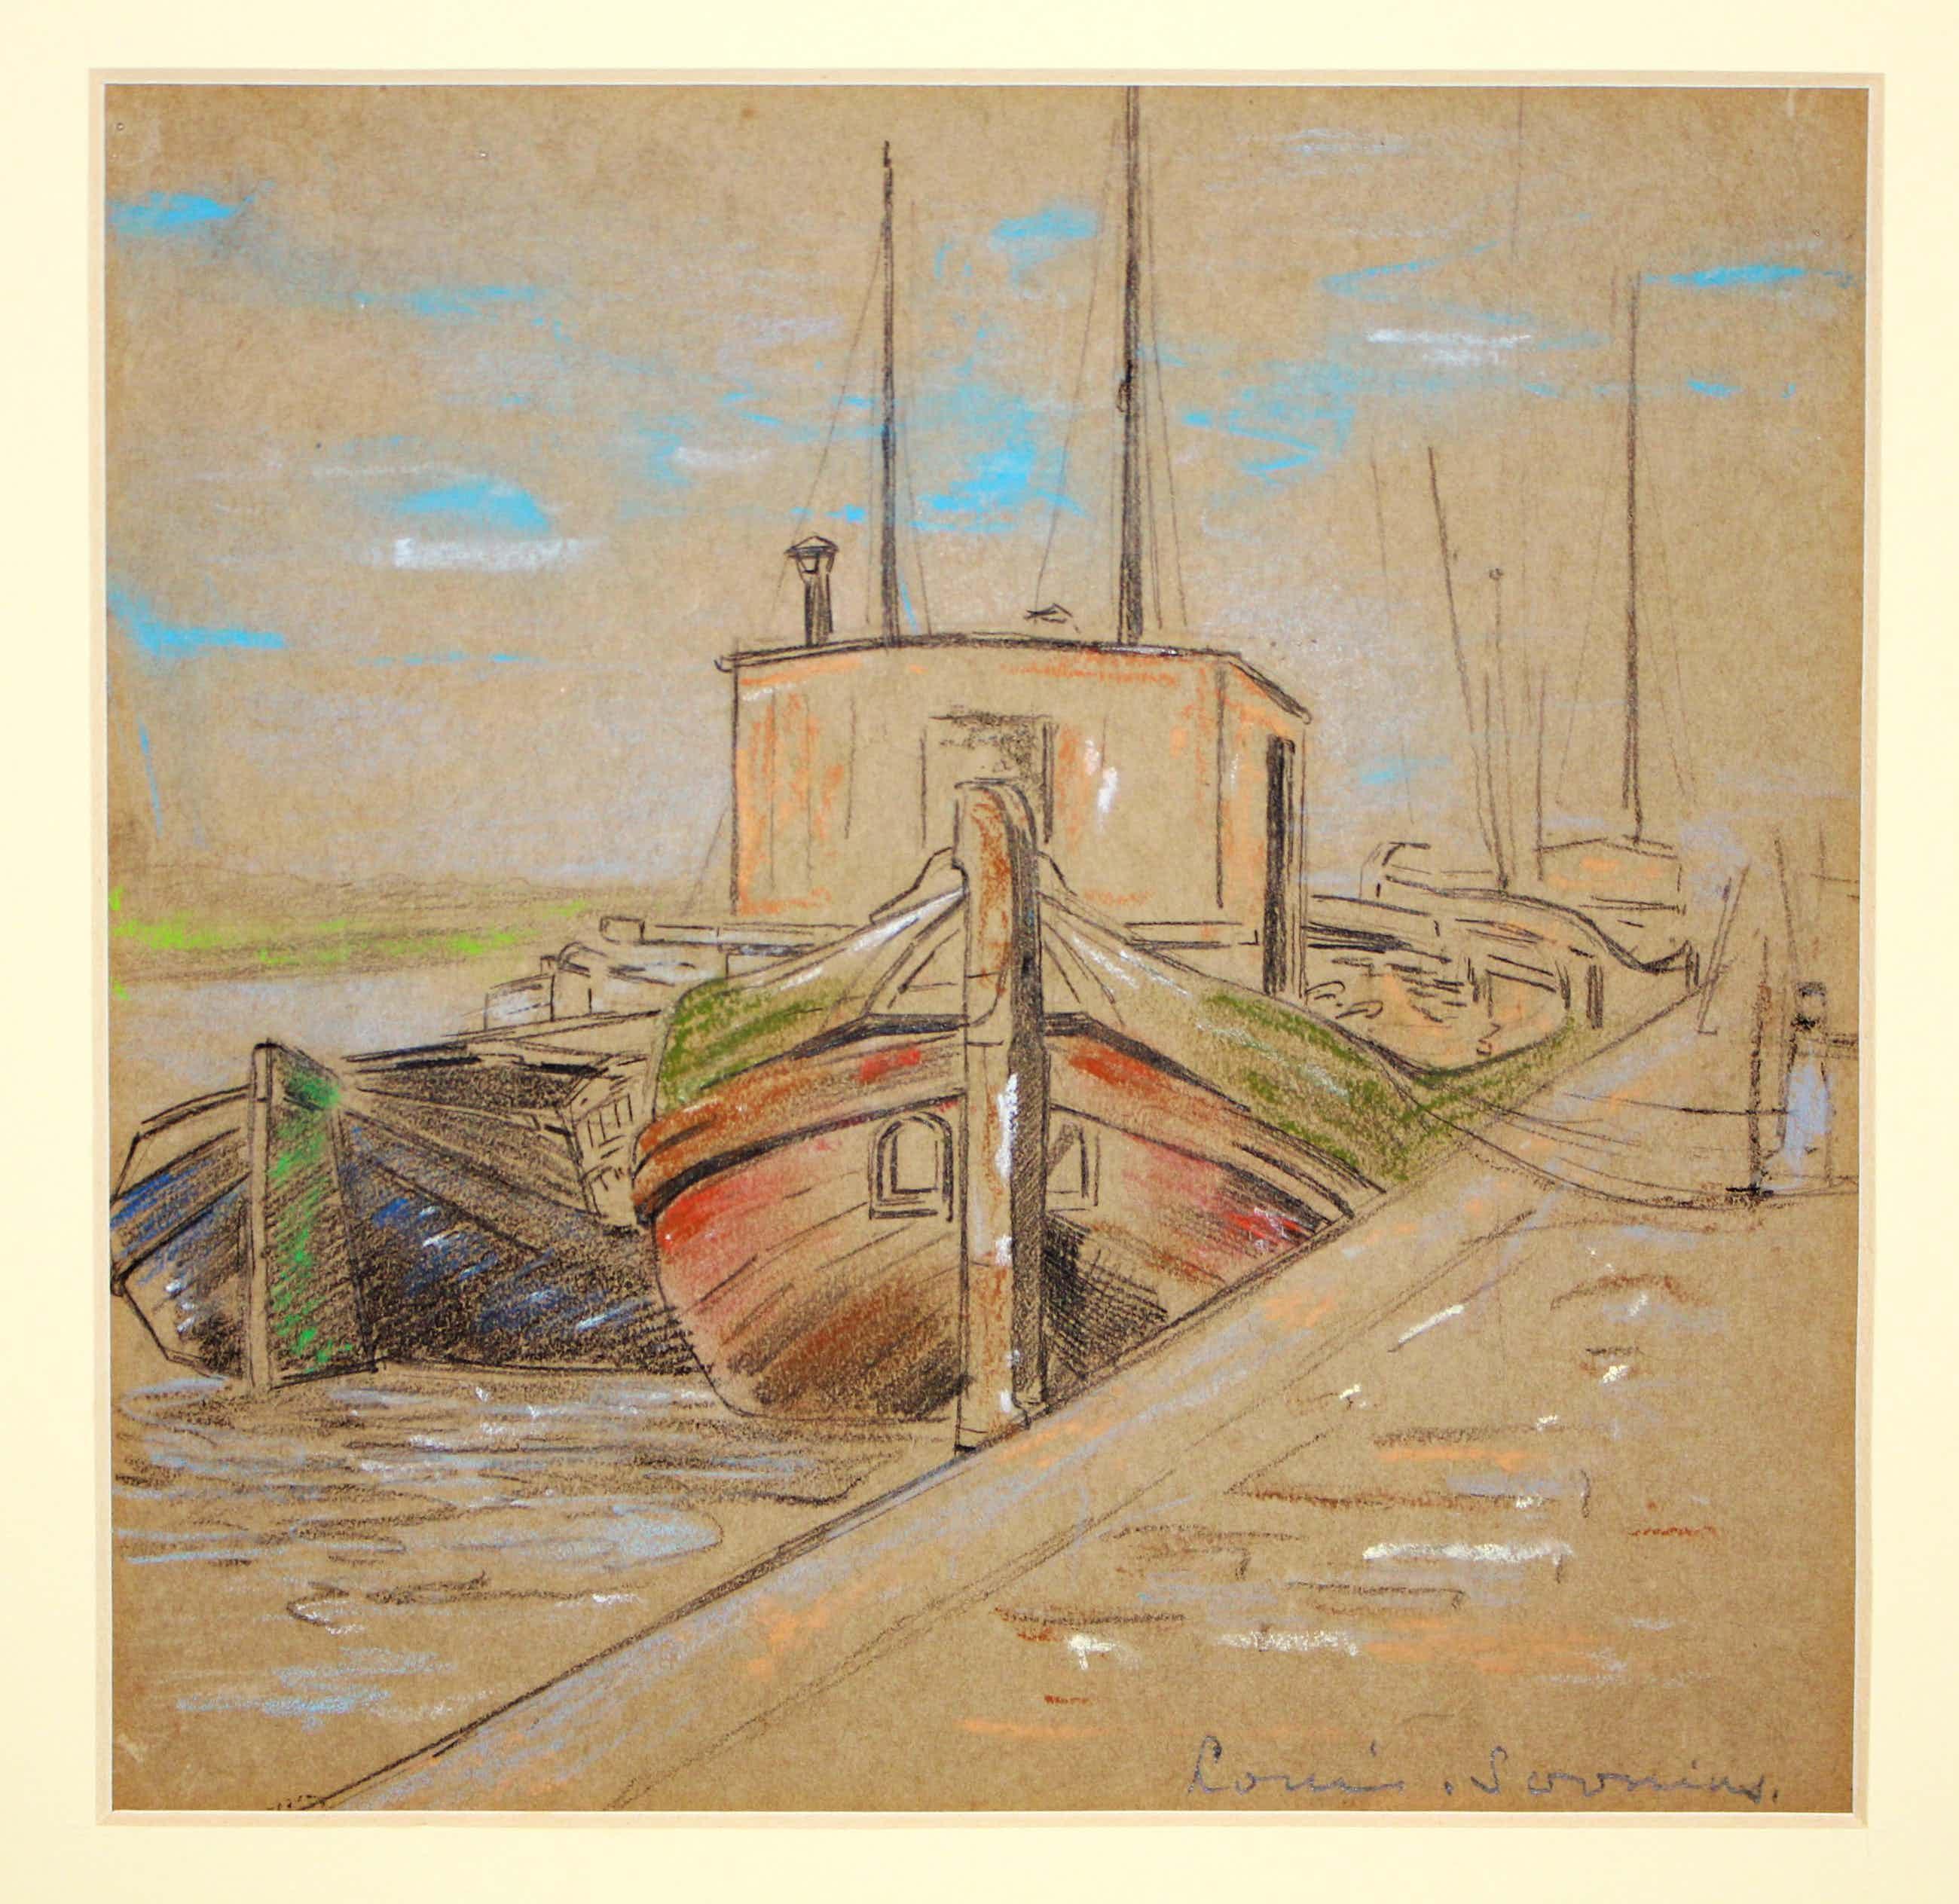 Louis Soonius - Vissersboot langs de kade kopen? Bied vanaf 180!